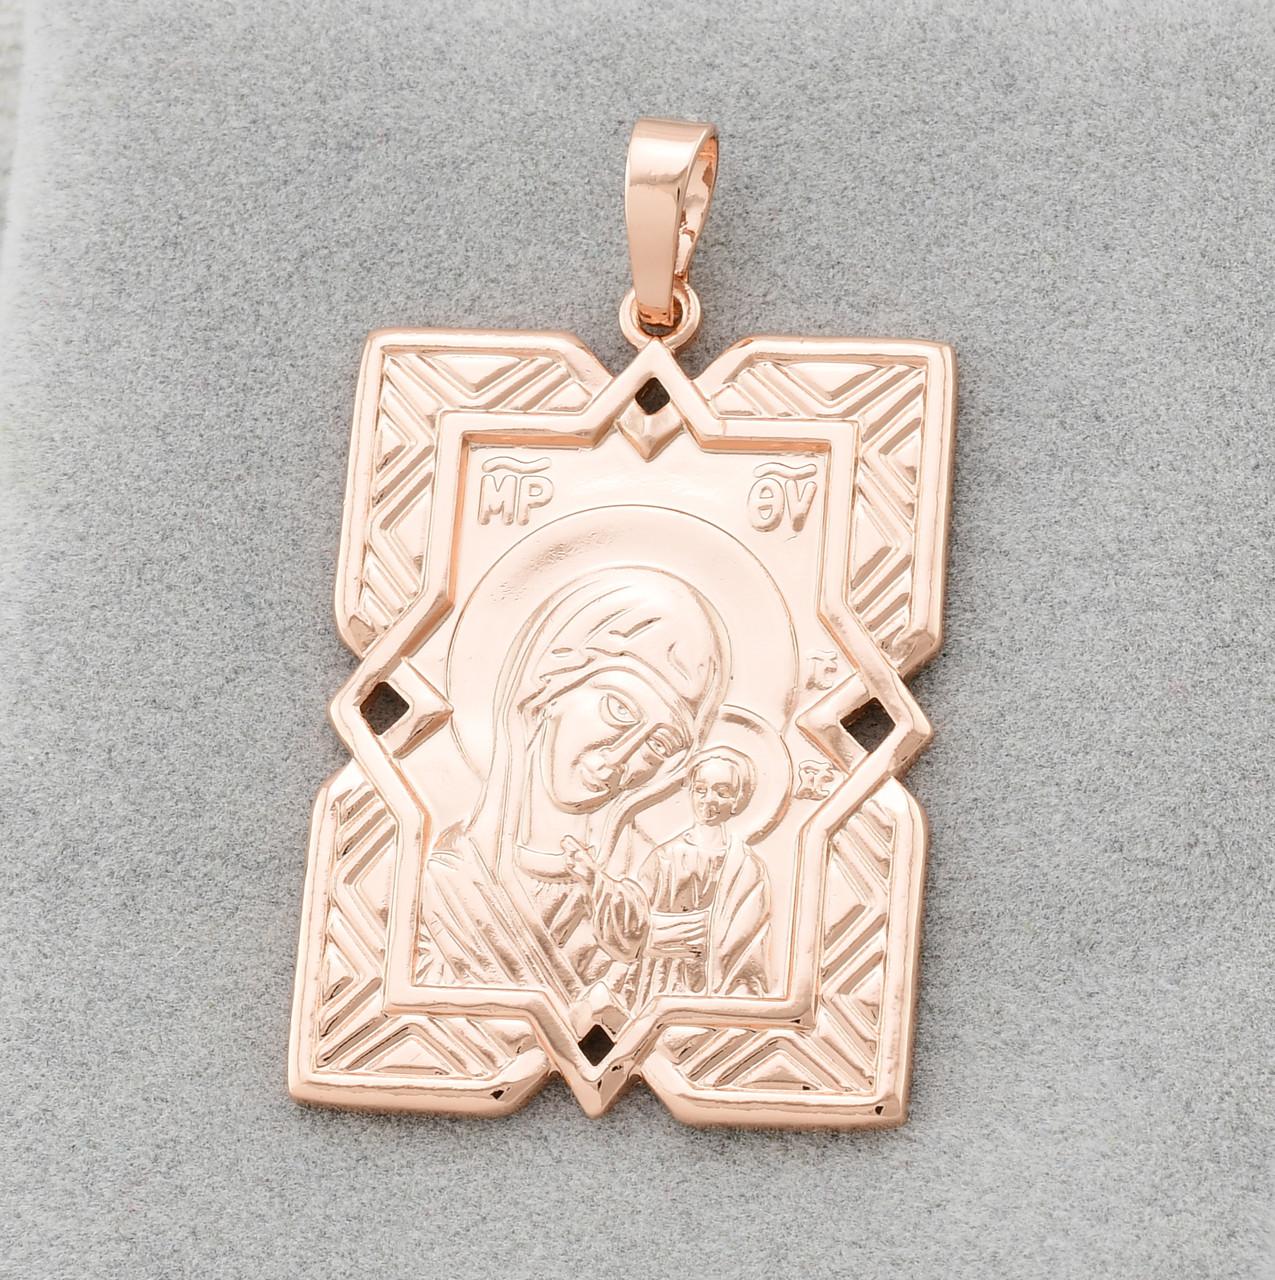 Иконка Казанская Божья Матерь 70310-РО, размер 36*20 мм, вес 4.8 г, позолота РО